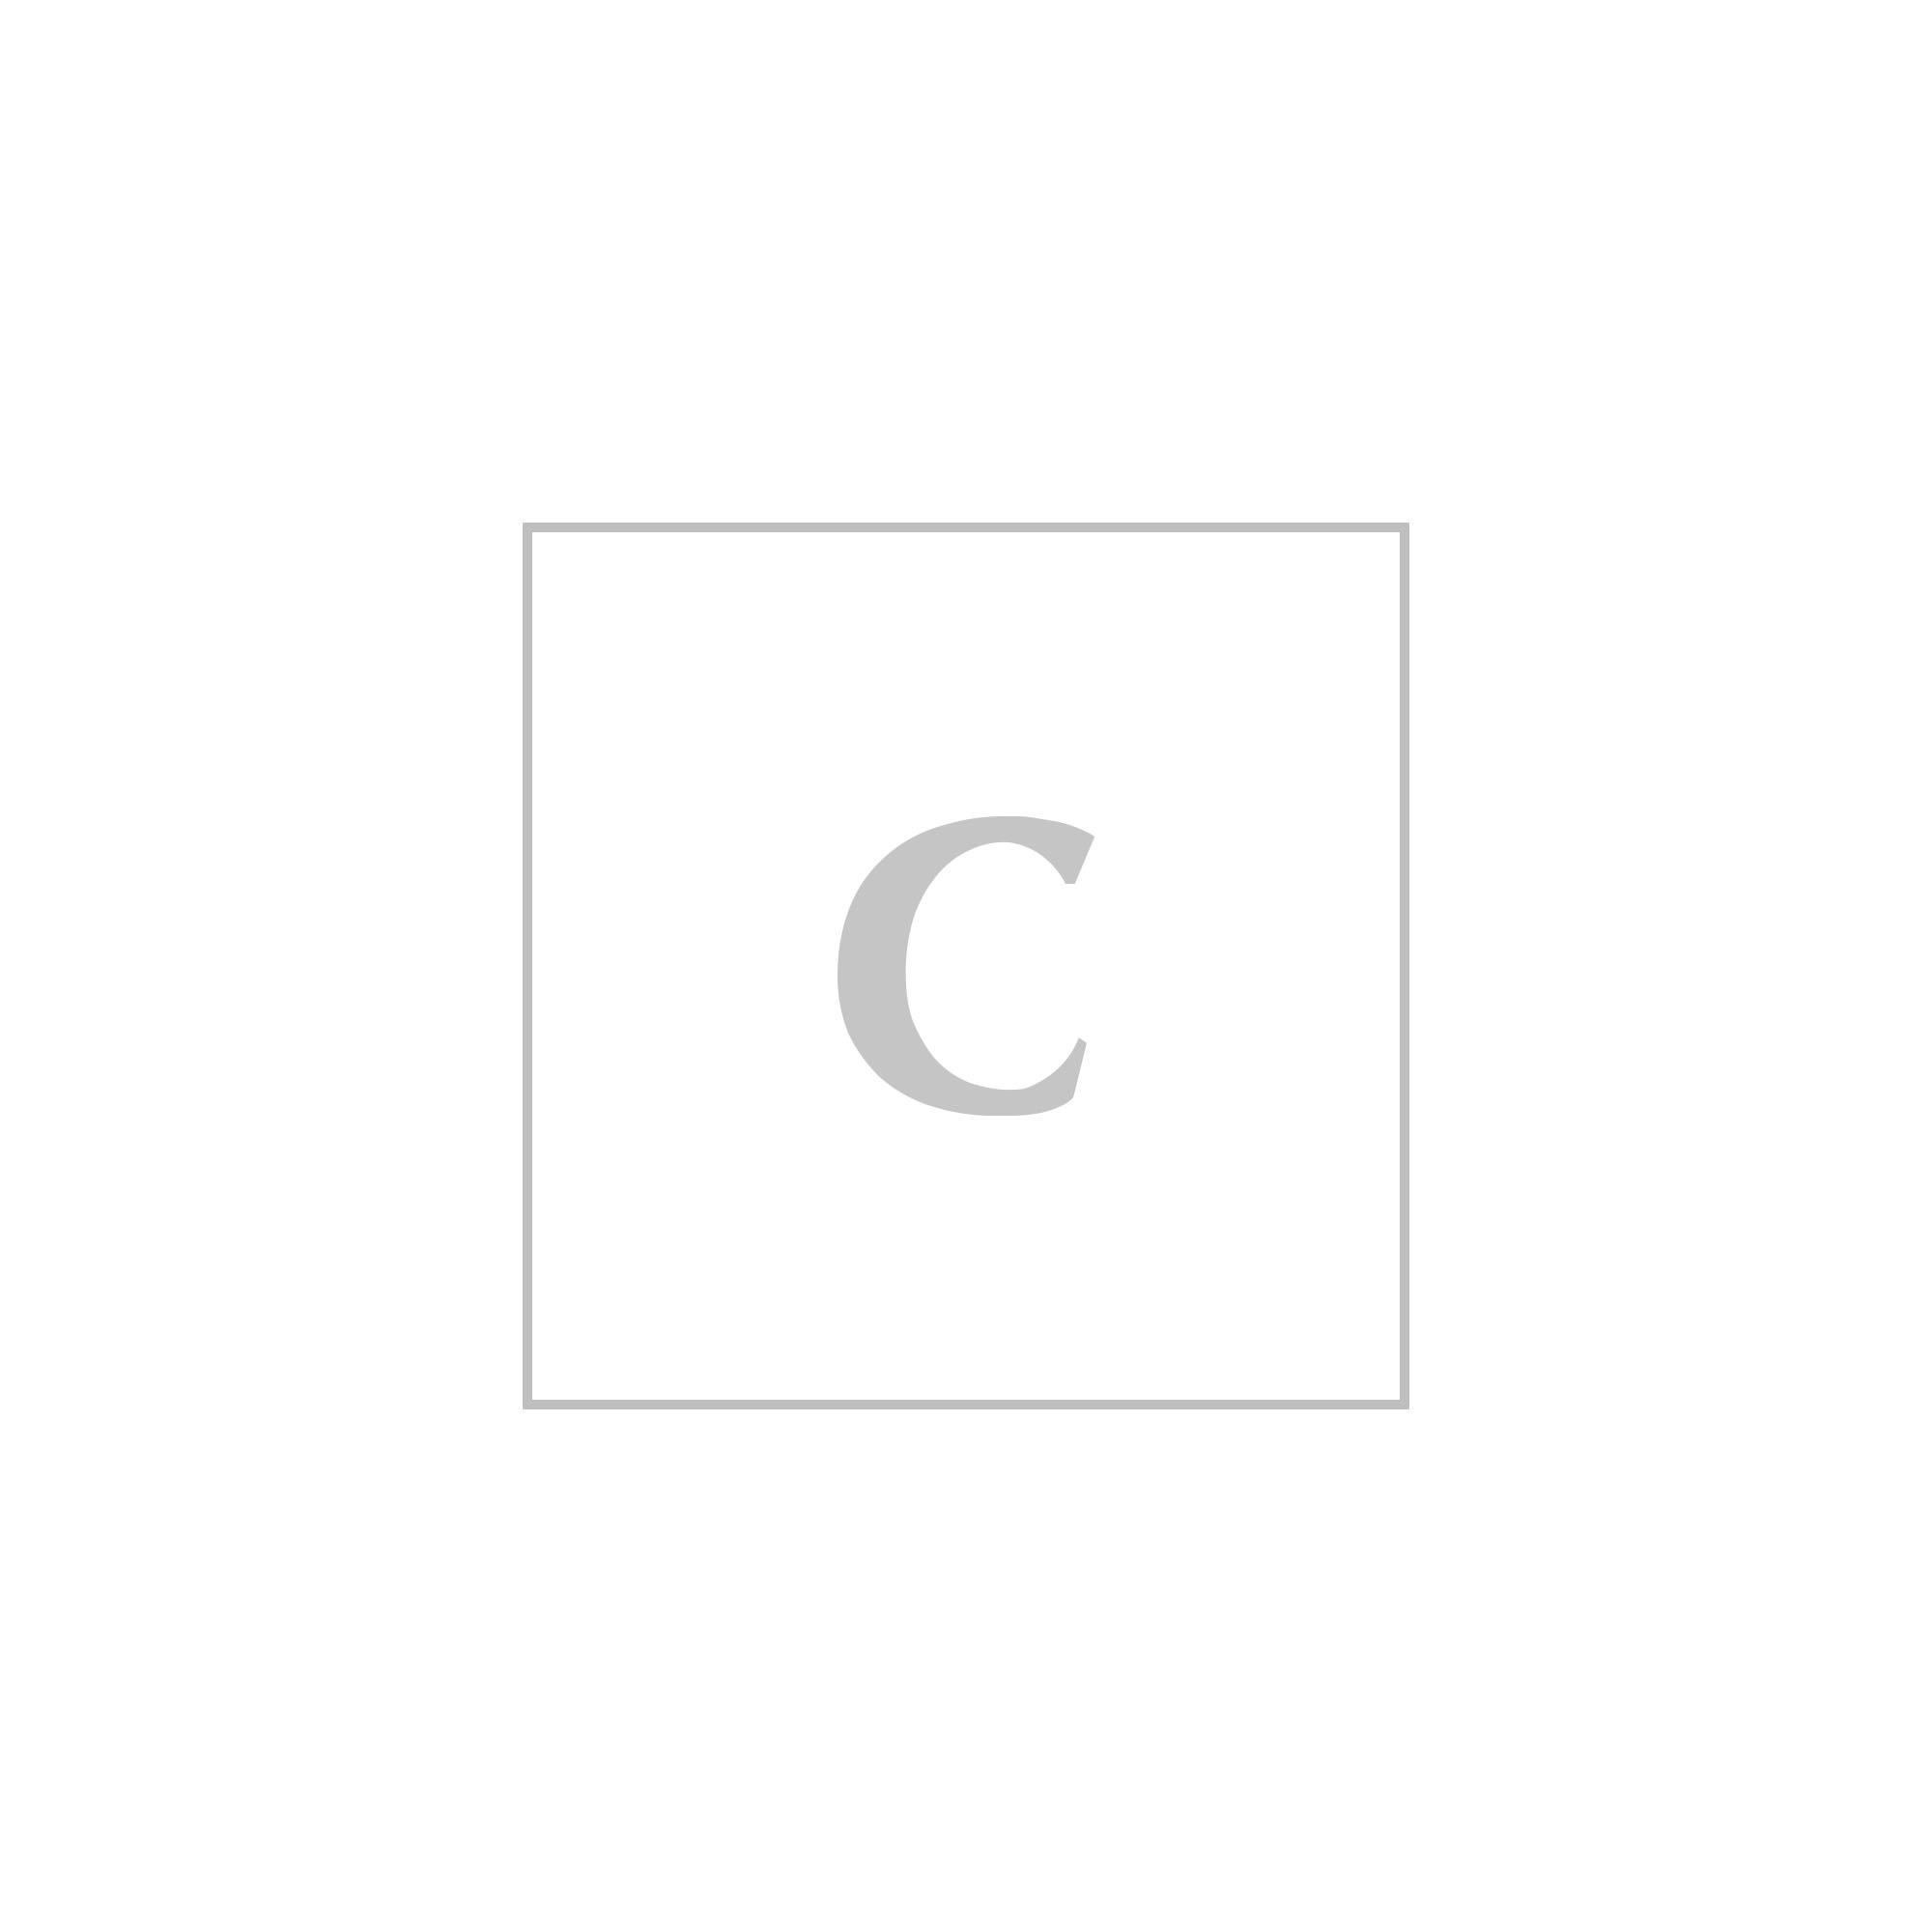 964f2a6e9c31 Men Prada Small Accessories Nero Verde Fluo | Coltorti Boutique